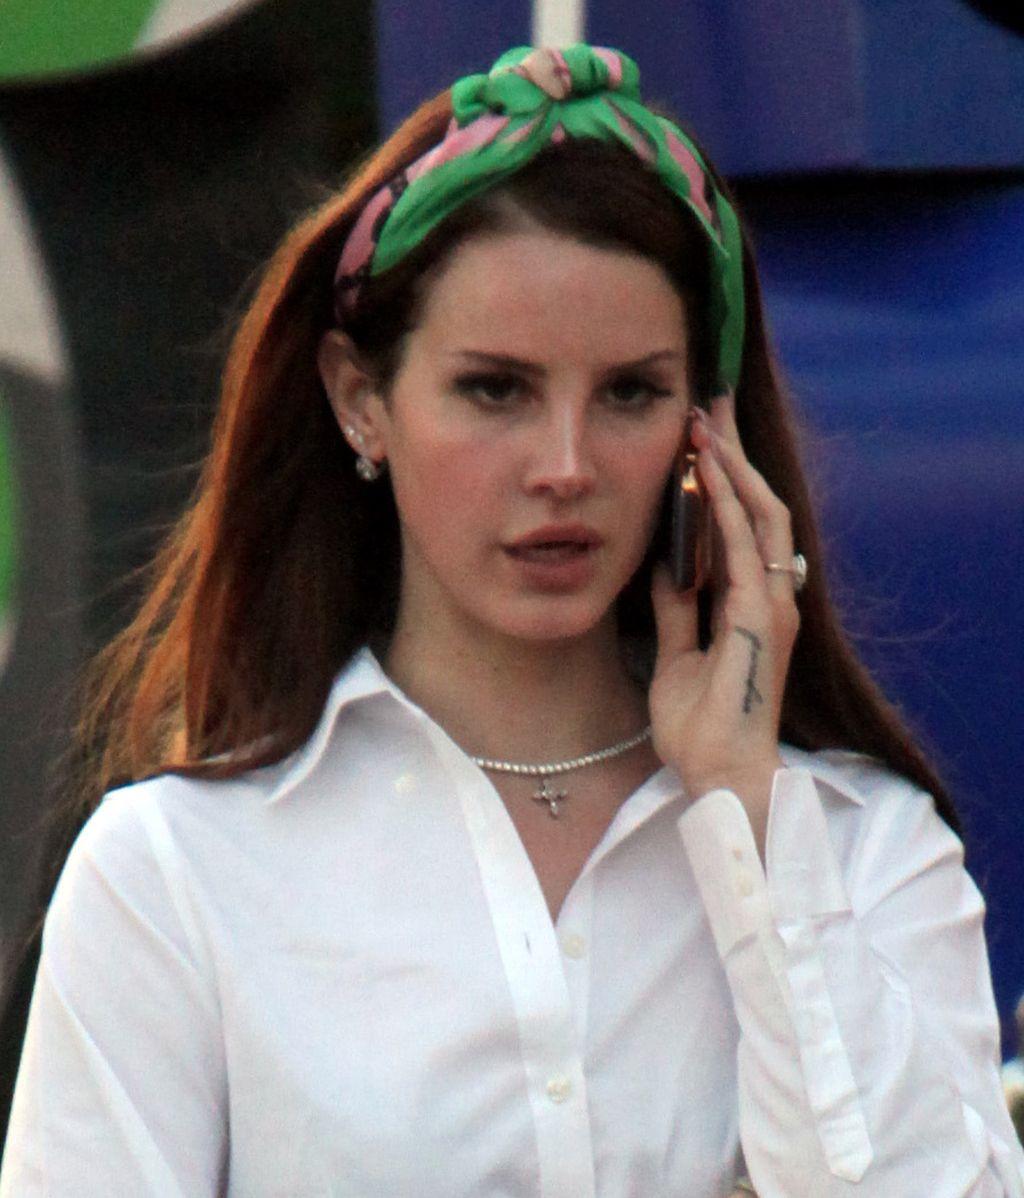 Rompe el 'look' a lo Lana del Rey